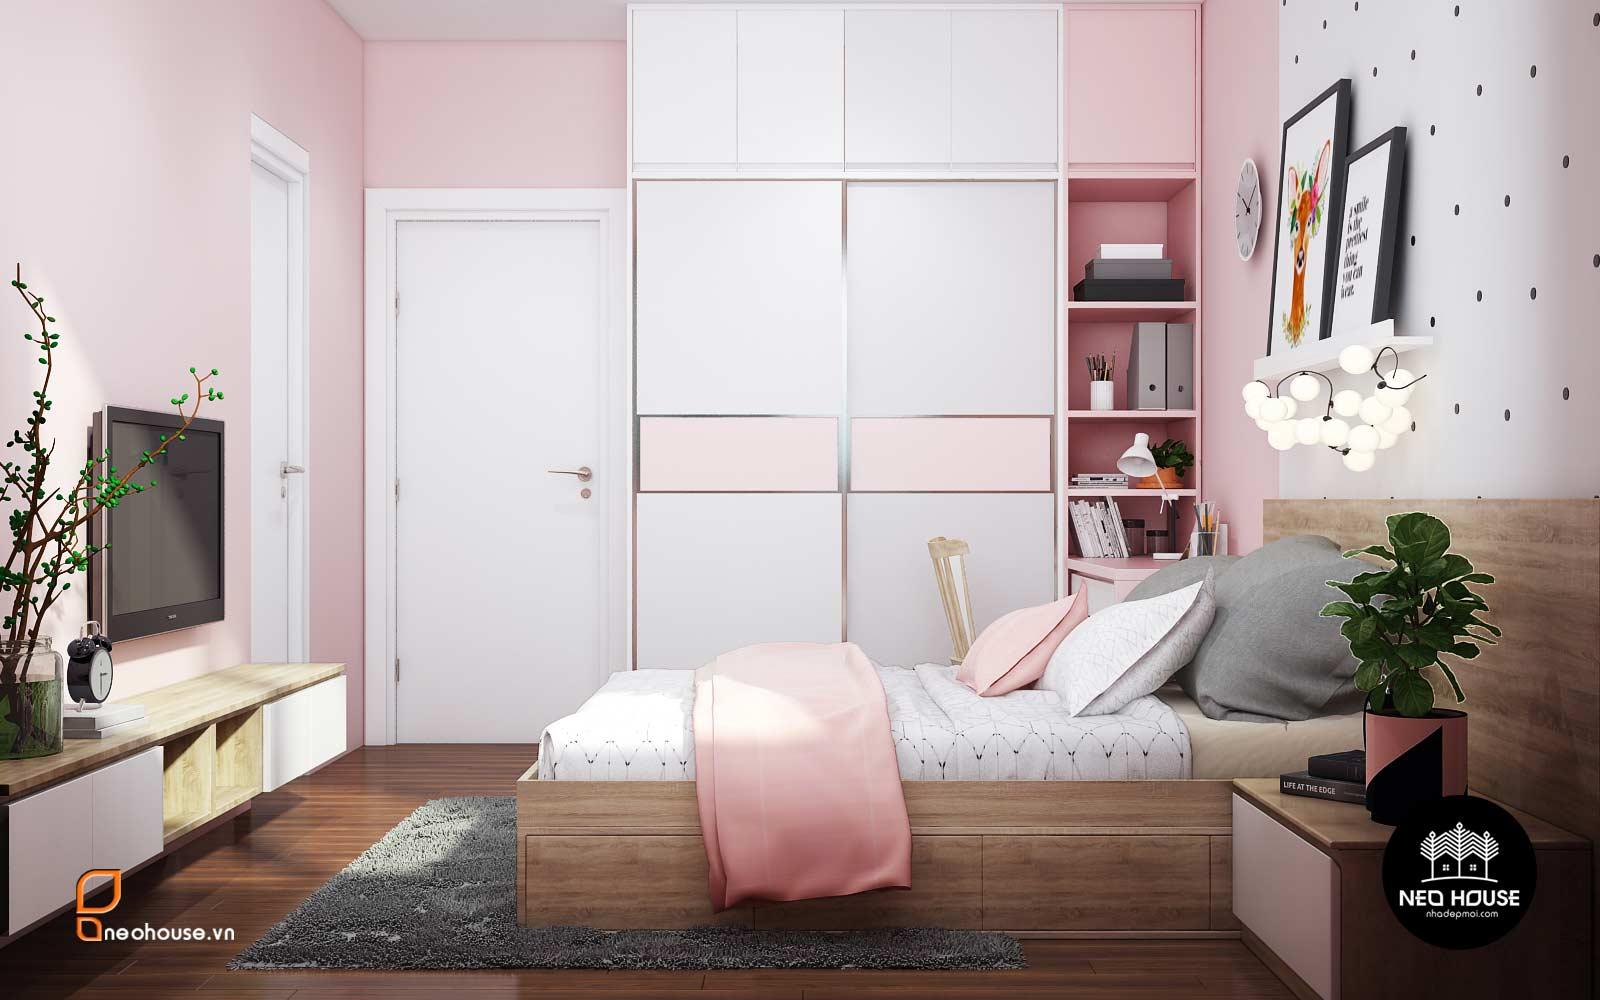 thiết kế nội thất phòng ngủ bé gái Neohouse